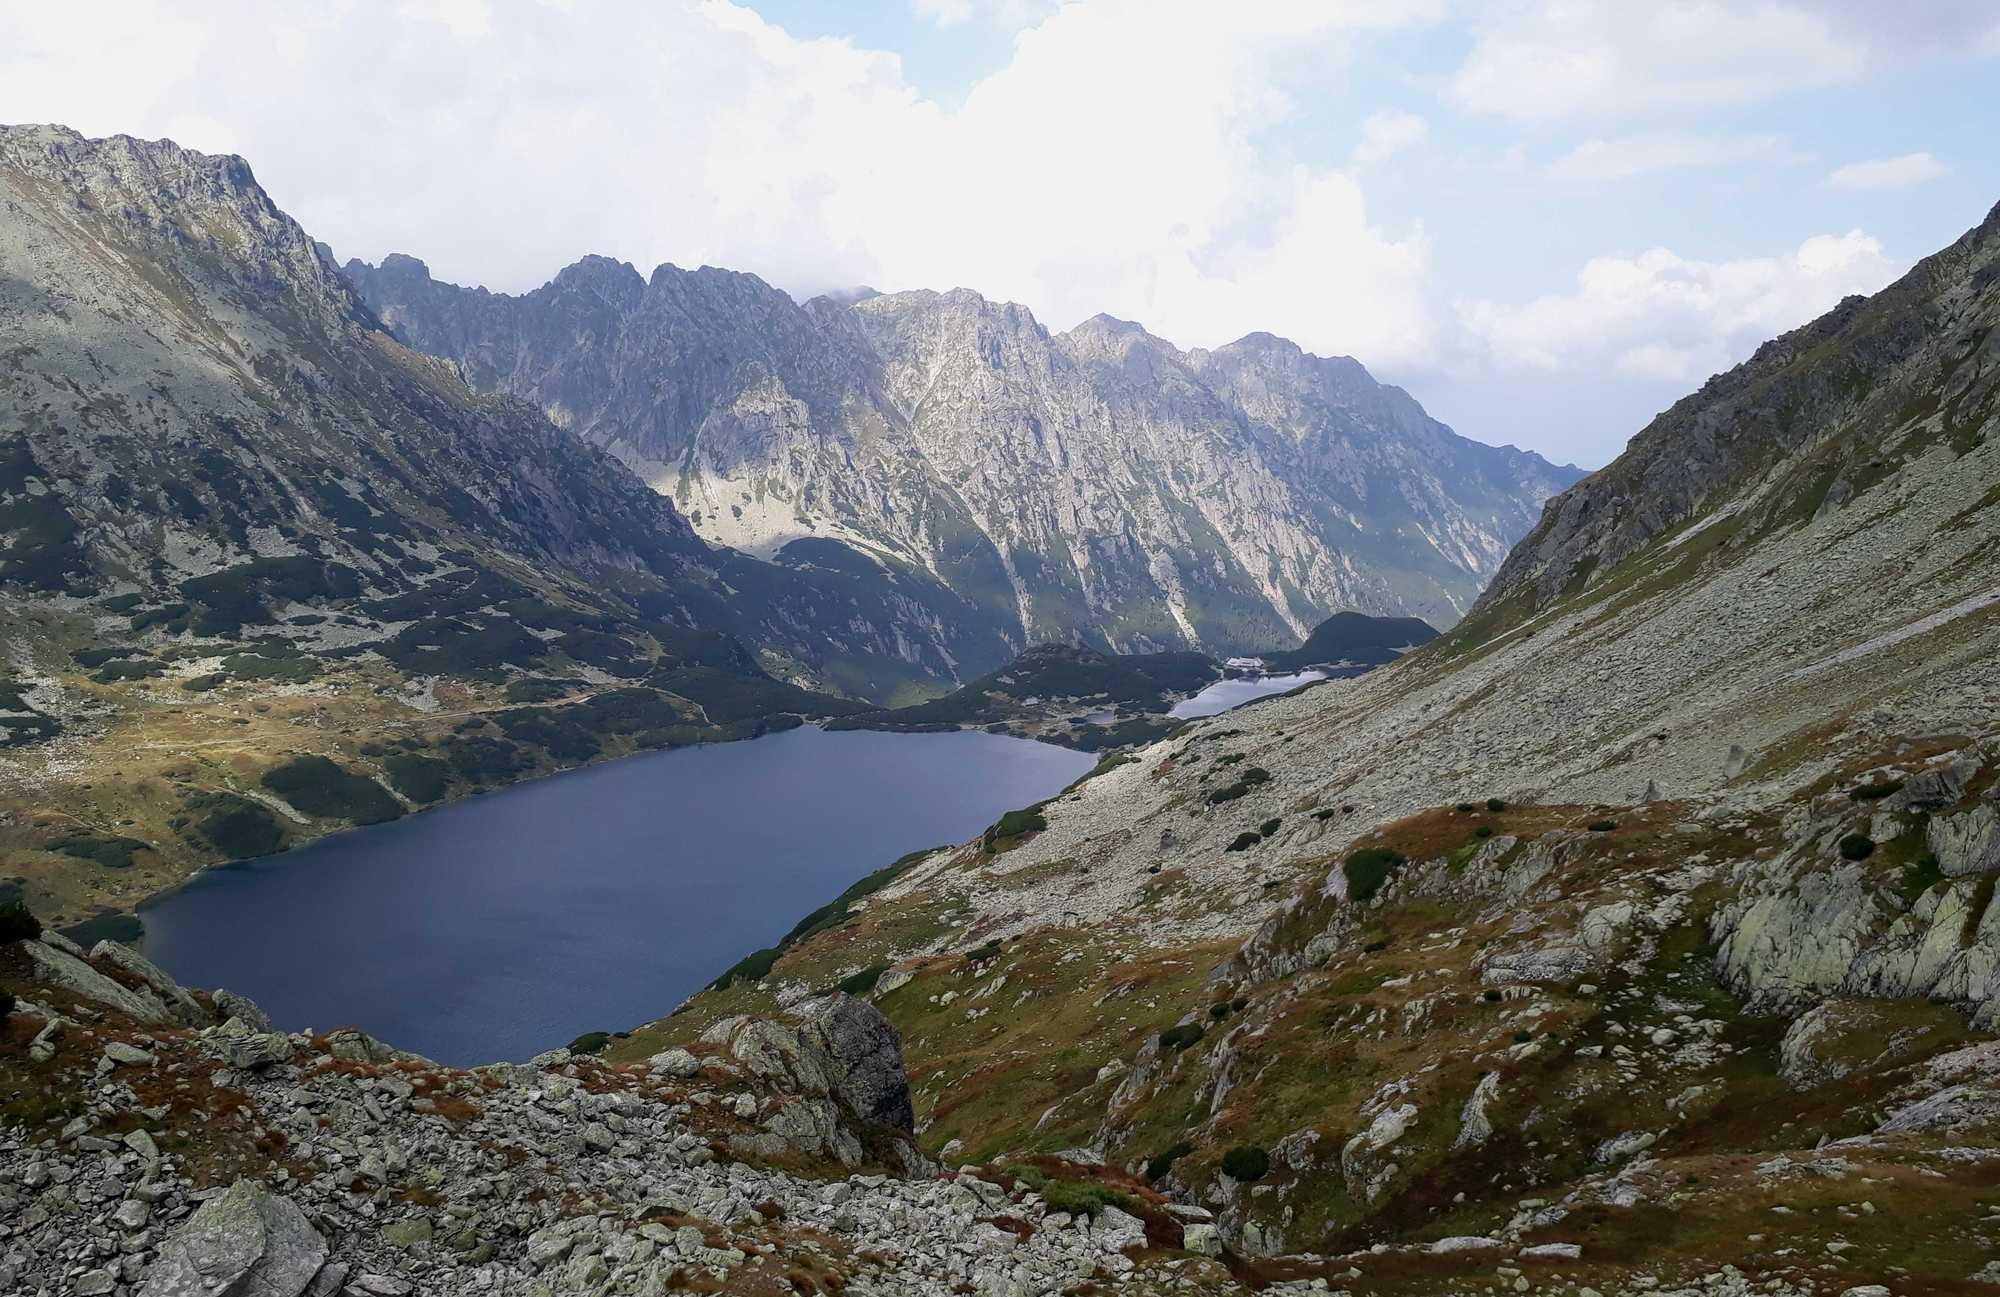 Dolina Piatich poľských plies